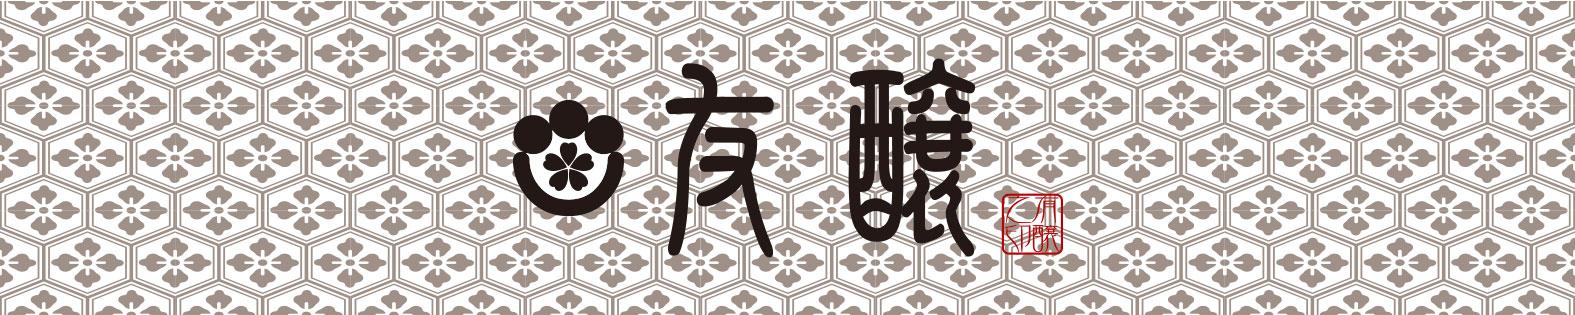 【日本酒】川鶴 しぼりたて生原酒 仕込み第1號 讃岐オオセト70 限定 新酒26BY_e0173738_10331794.jpg